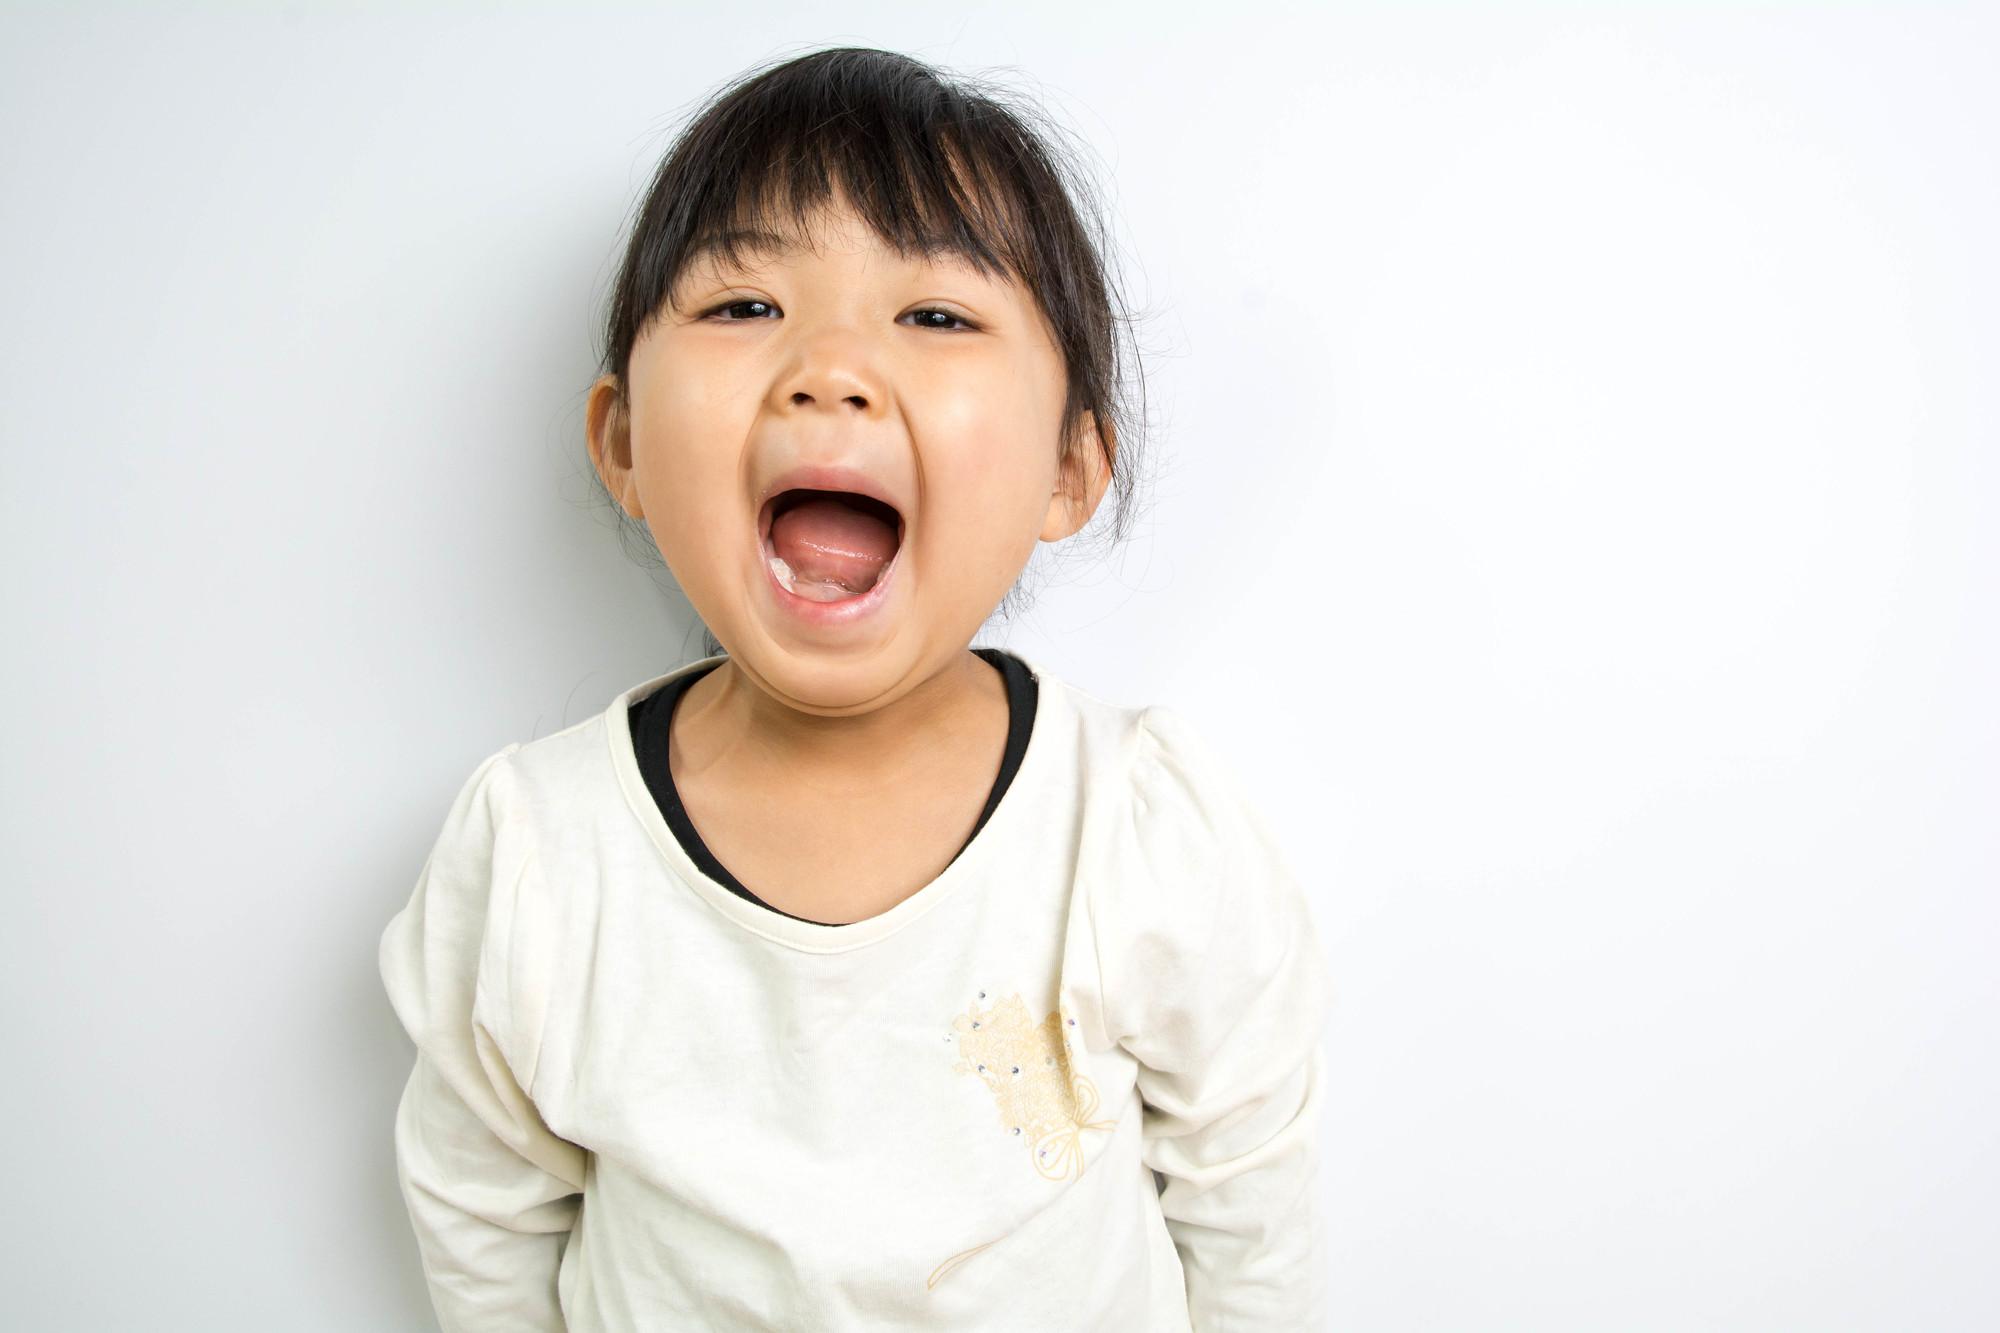 乳児健診でチェックすること《生後3歳》